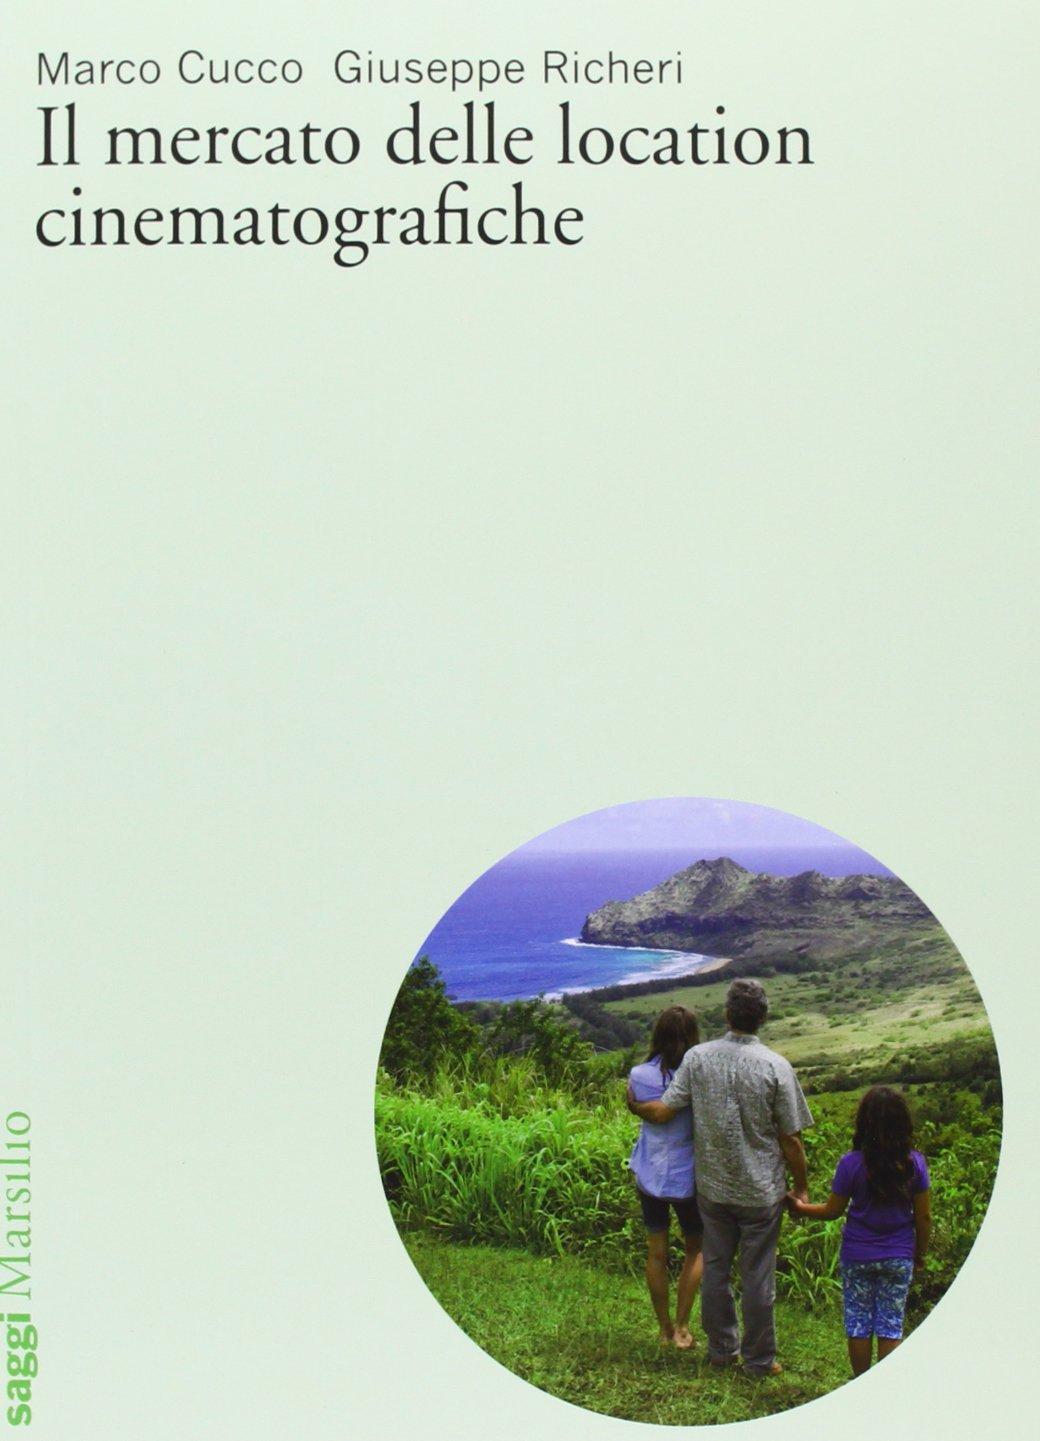 Il mercato delle location cinematografiche Copertina flessibile – 20 nov 2013 Marco Cucco Giuseppe Richeri Marsilio 8831717057